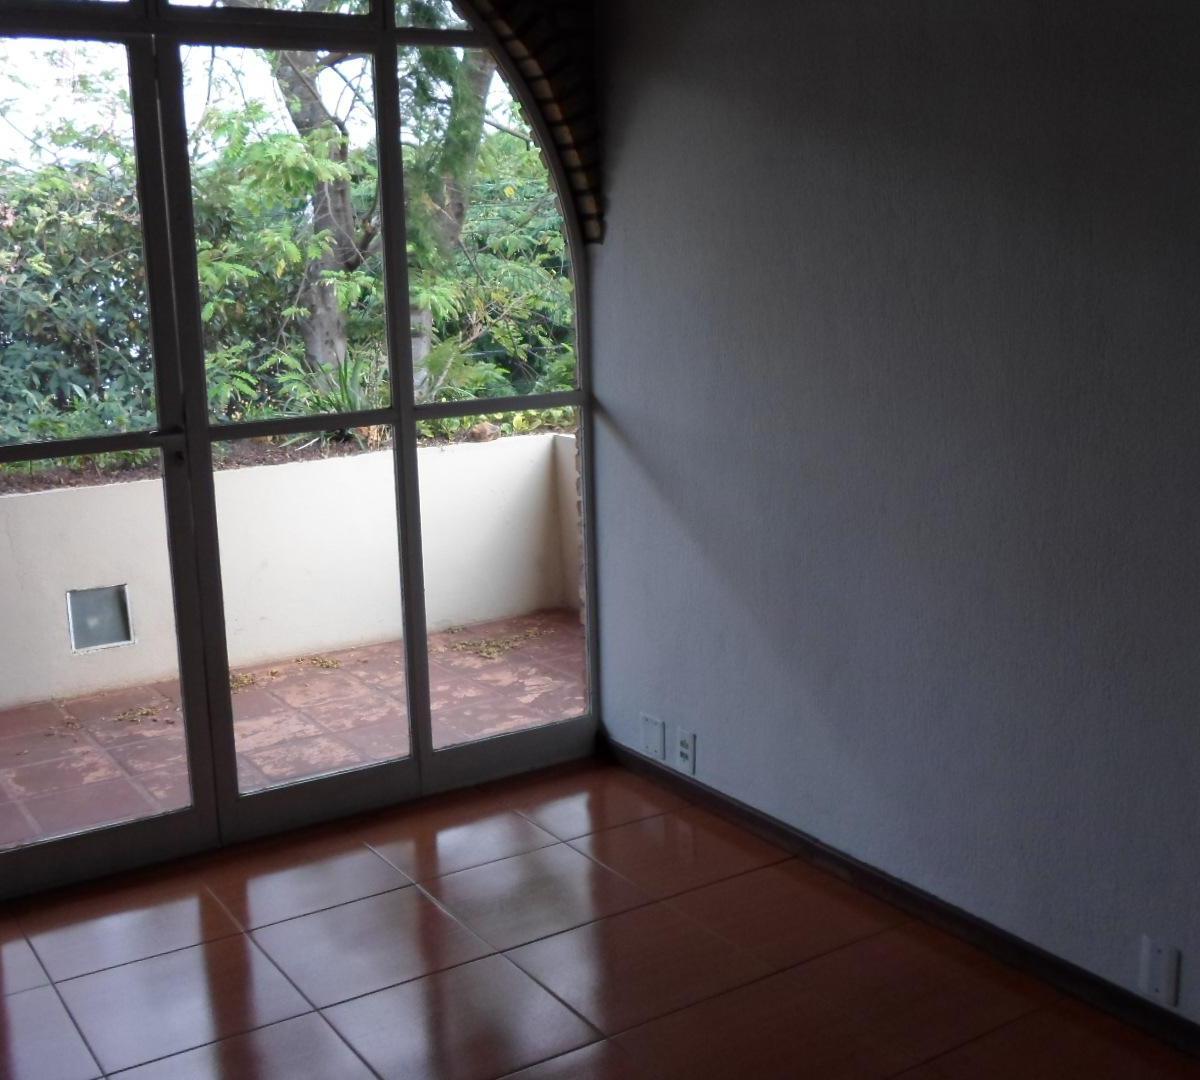 ) Belo Horizonte R$ 1.250.000 356 m2 ID: 2921099450 Imovelweb #577D4E 1200x1080 Balança De Banheiro Belo Horizonte